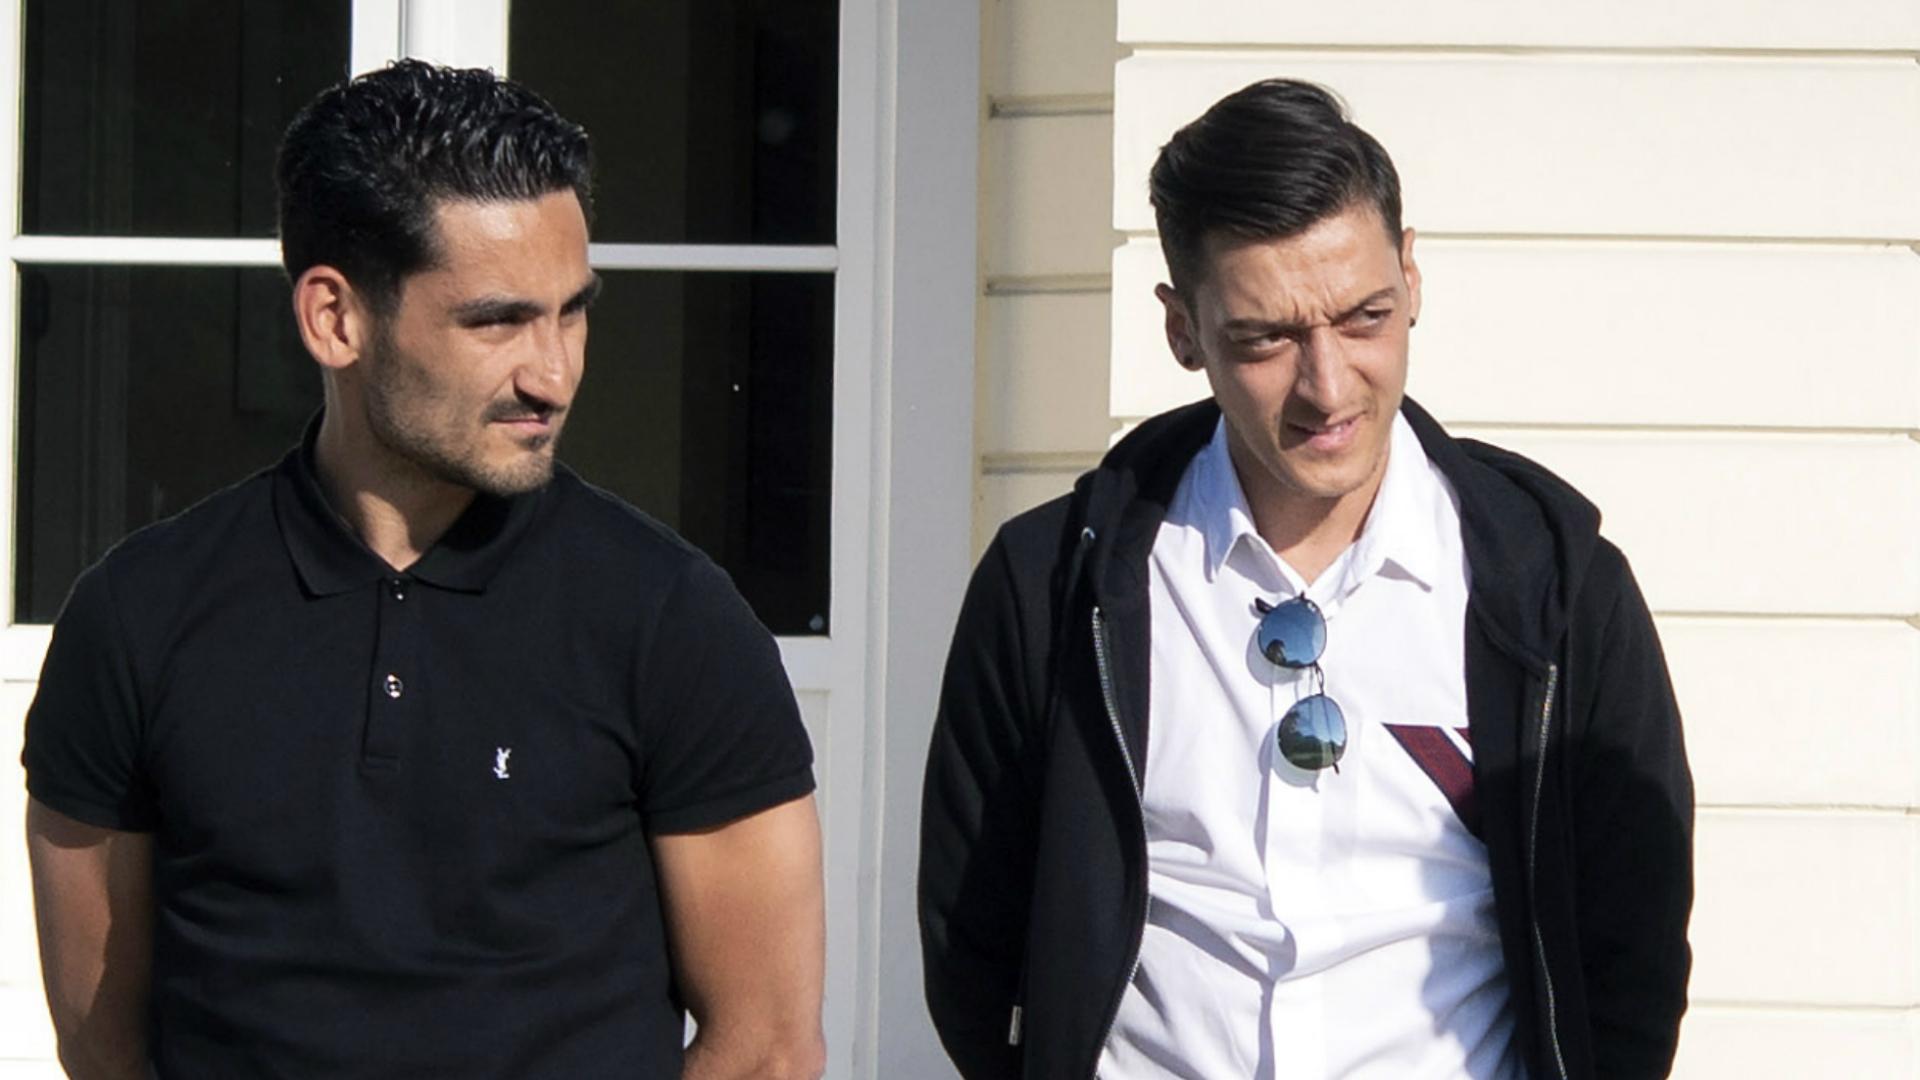 Ozil, Gundogan drama could impact Germany - Bierhoff